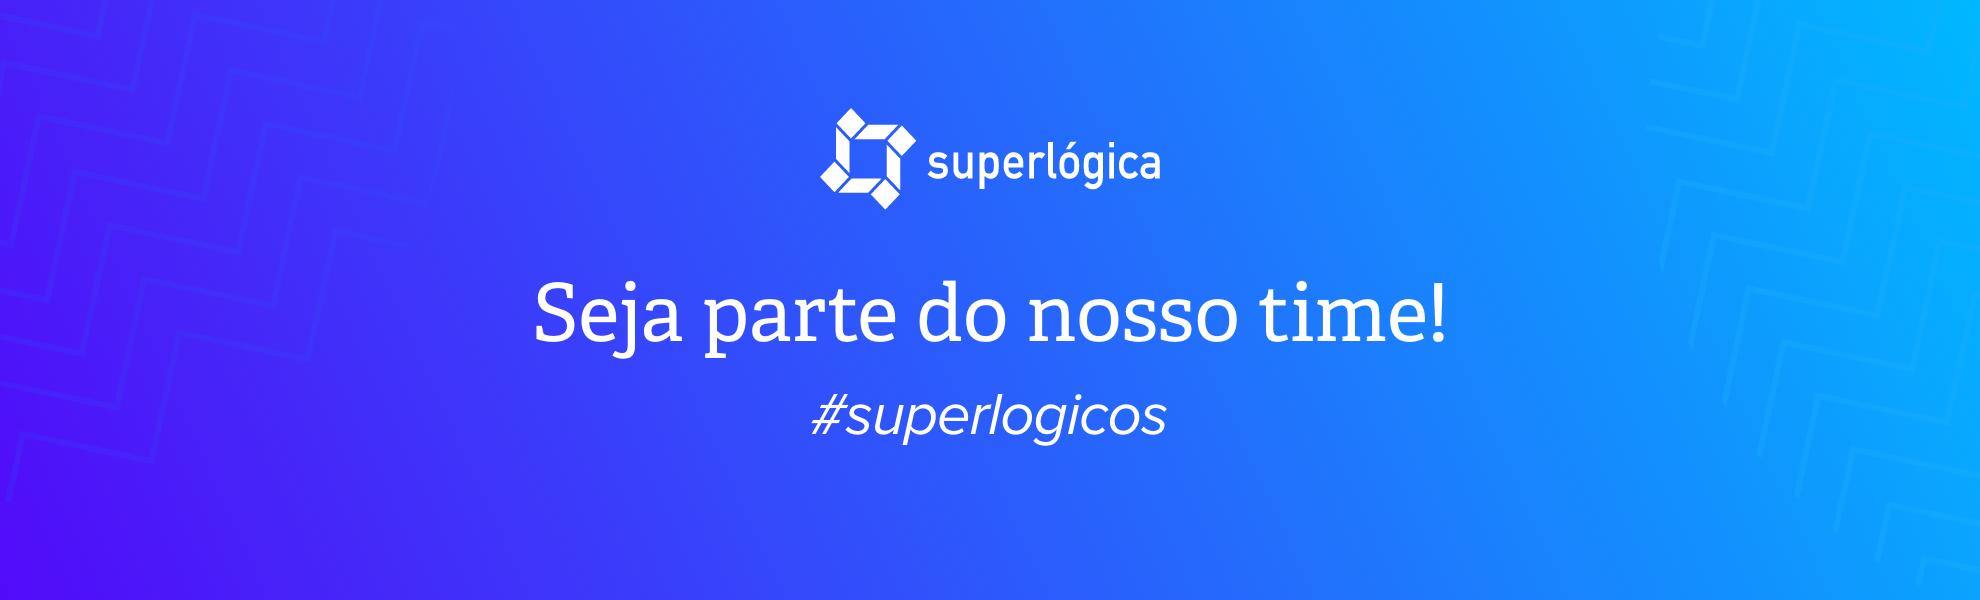 Desenvolvedor Mobile Imob - Superlógica - Campinas